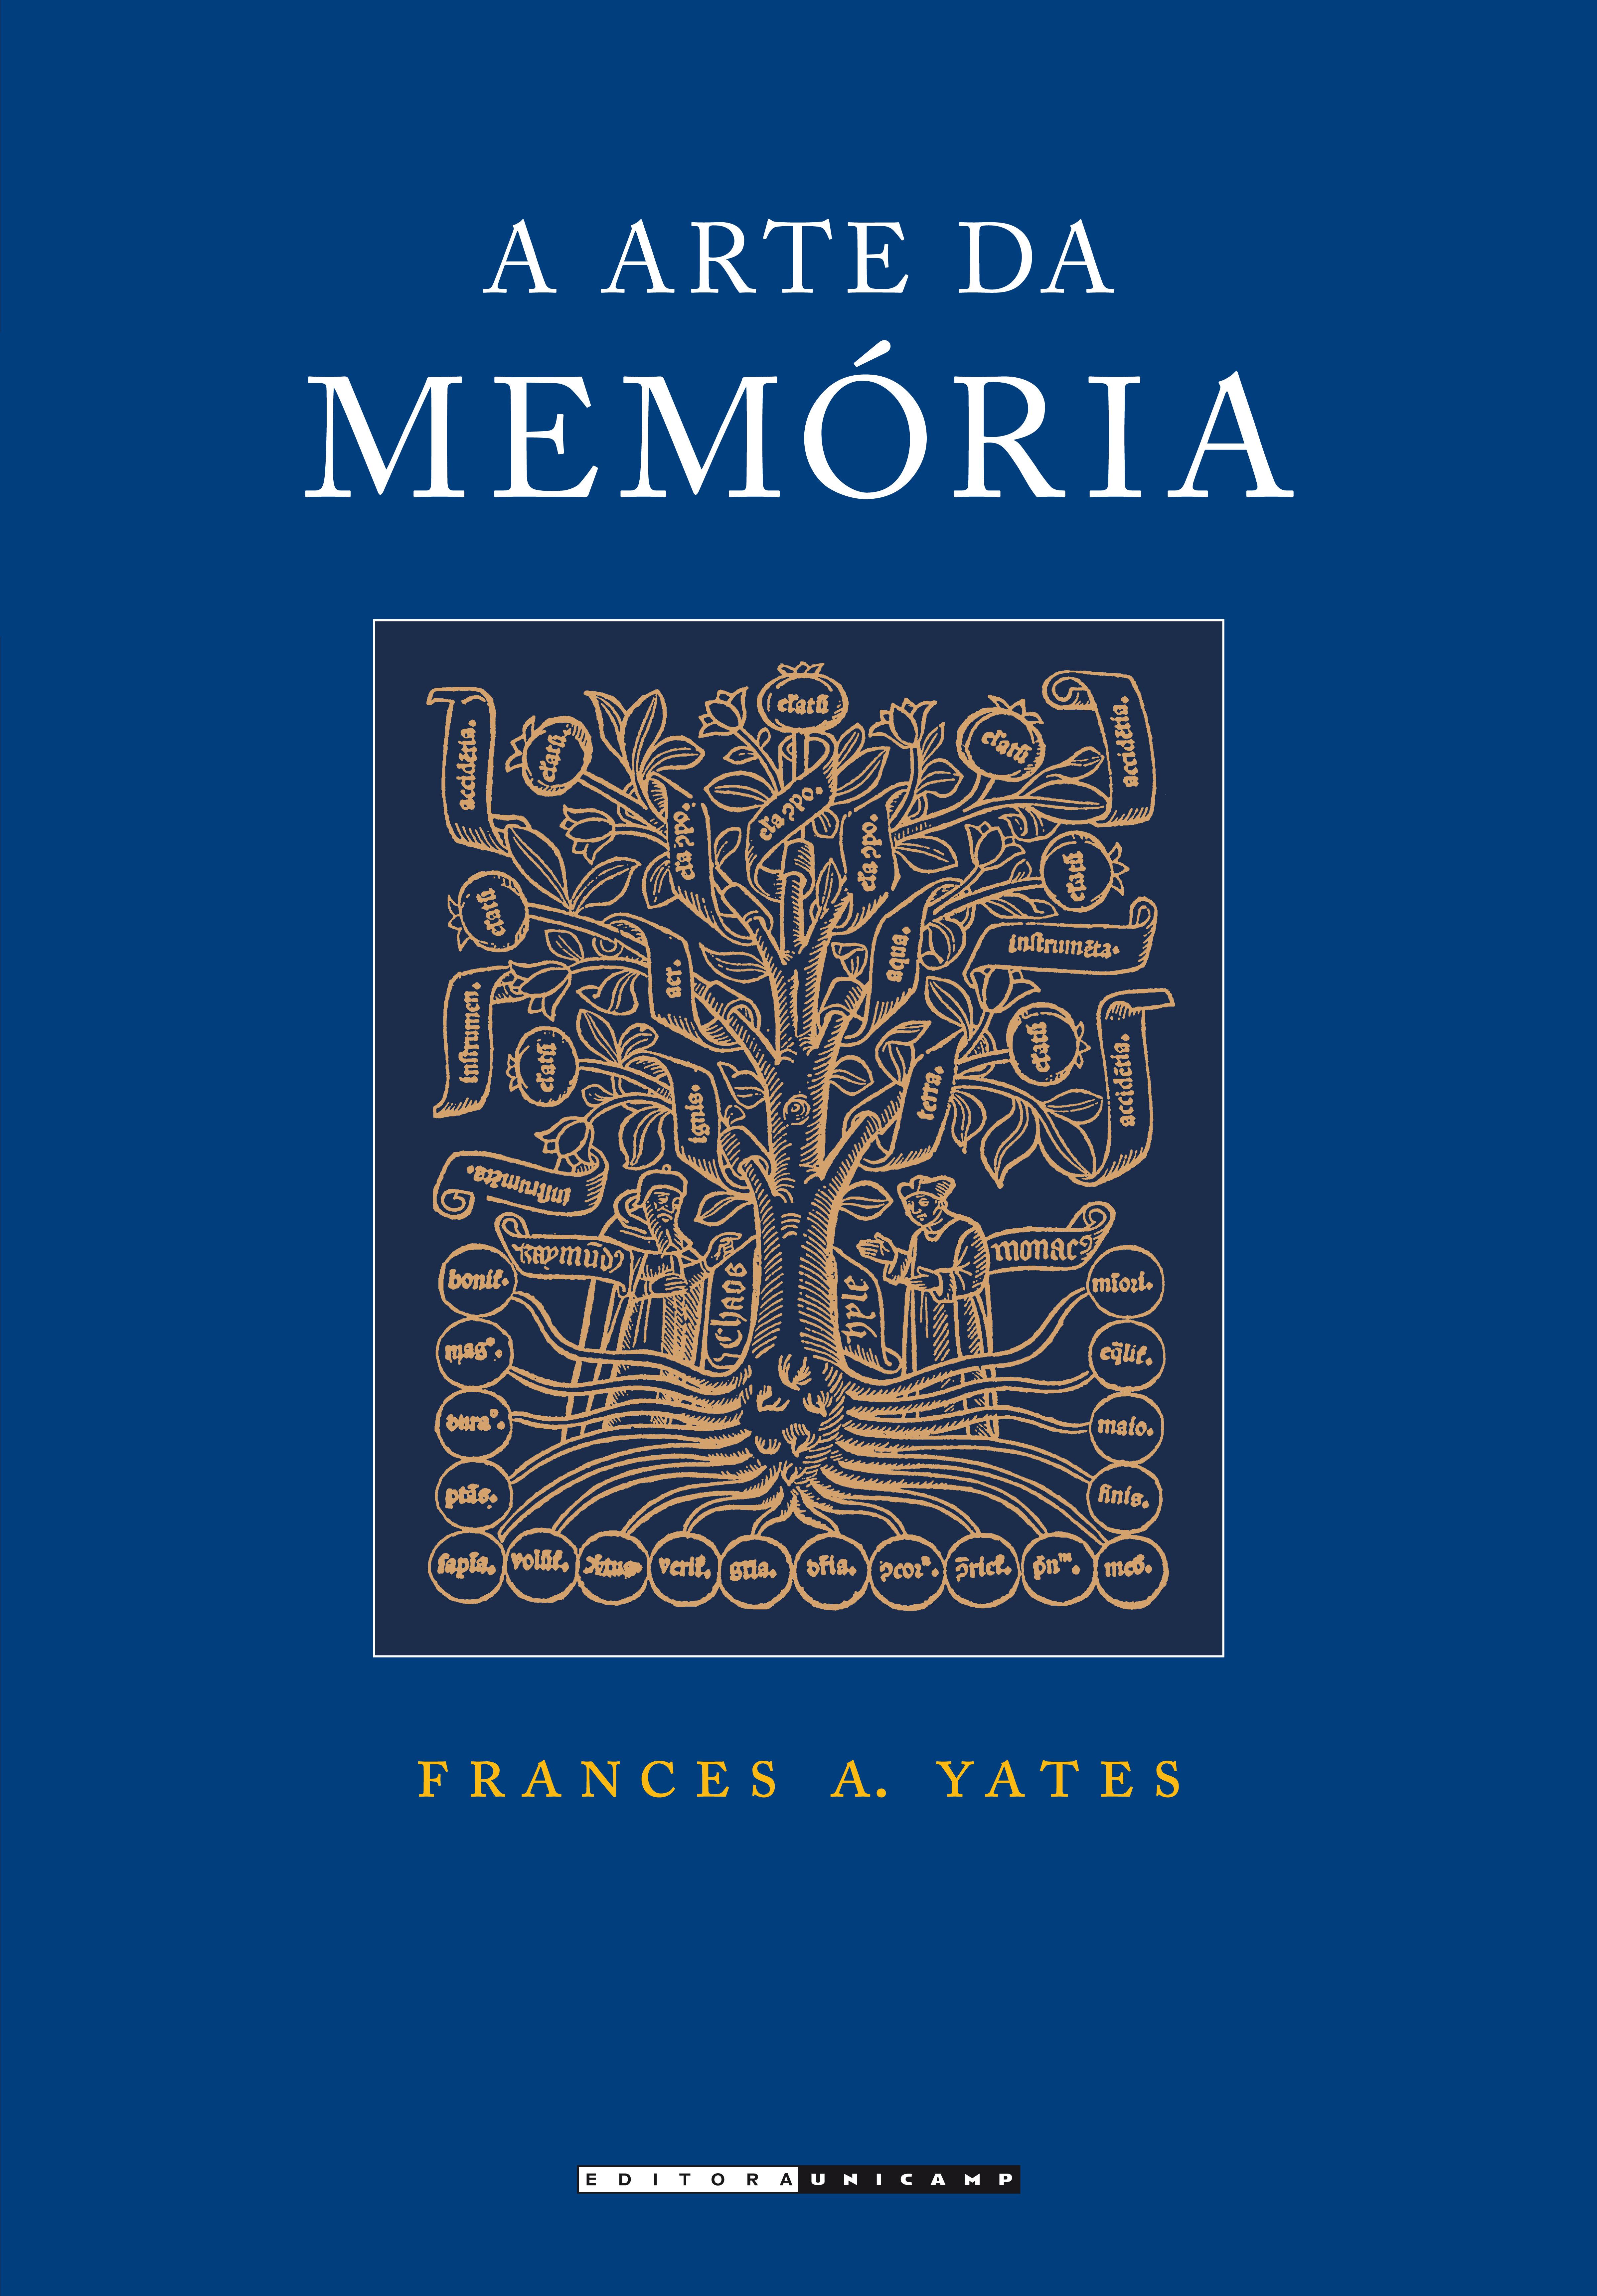 A Arte da Memória, livro de Frances A. Yates